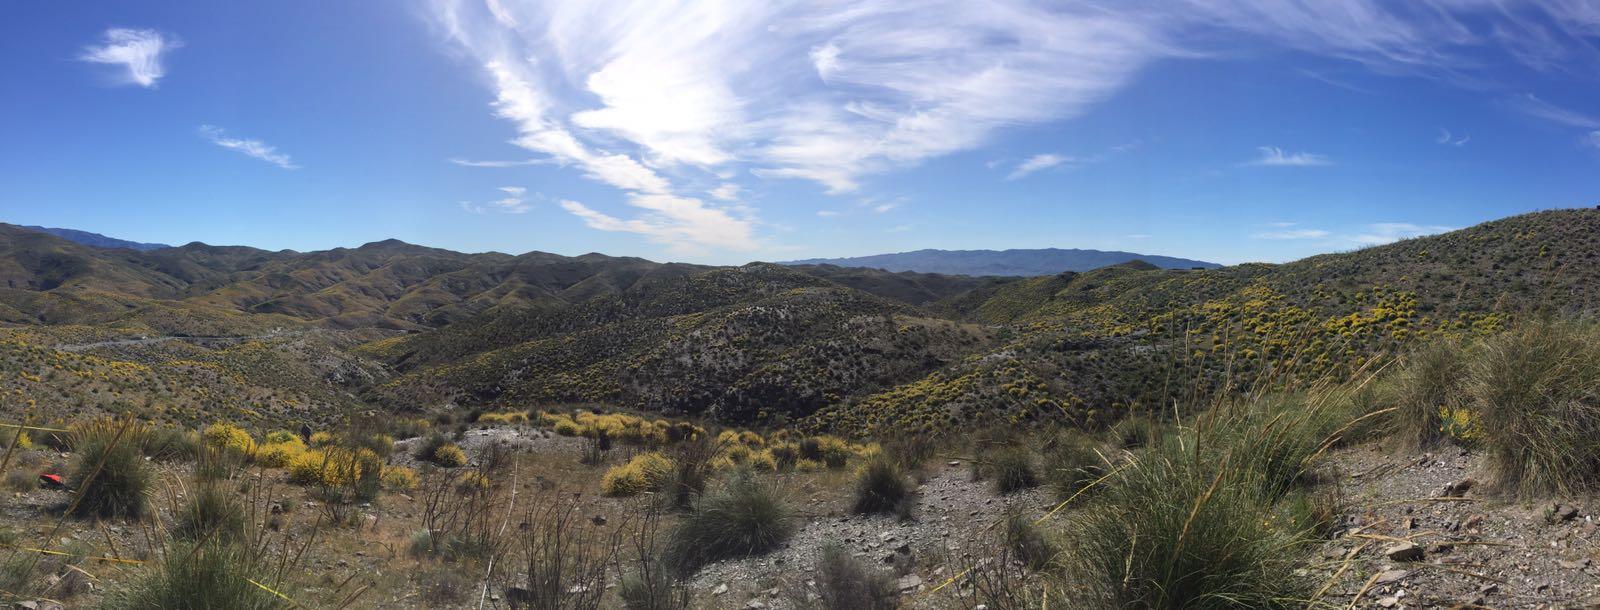 Paisaje árido de Almería. Imagen: Pedro Rey / CSIC